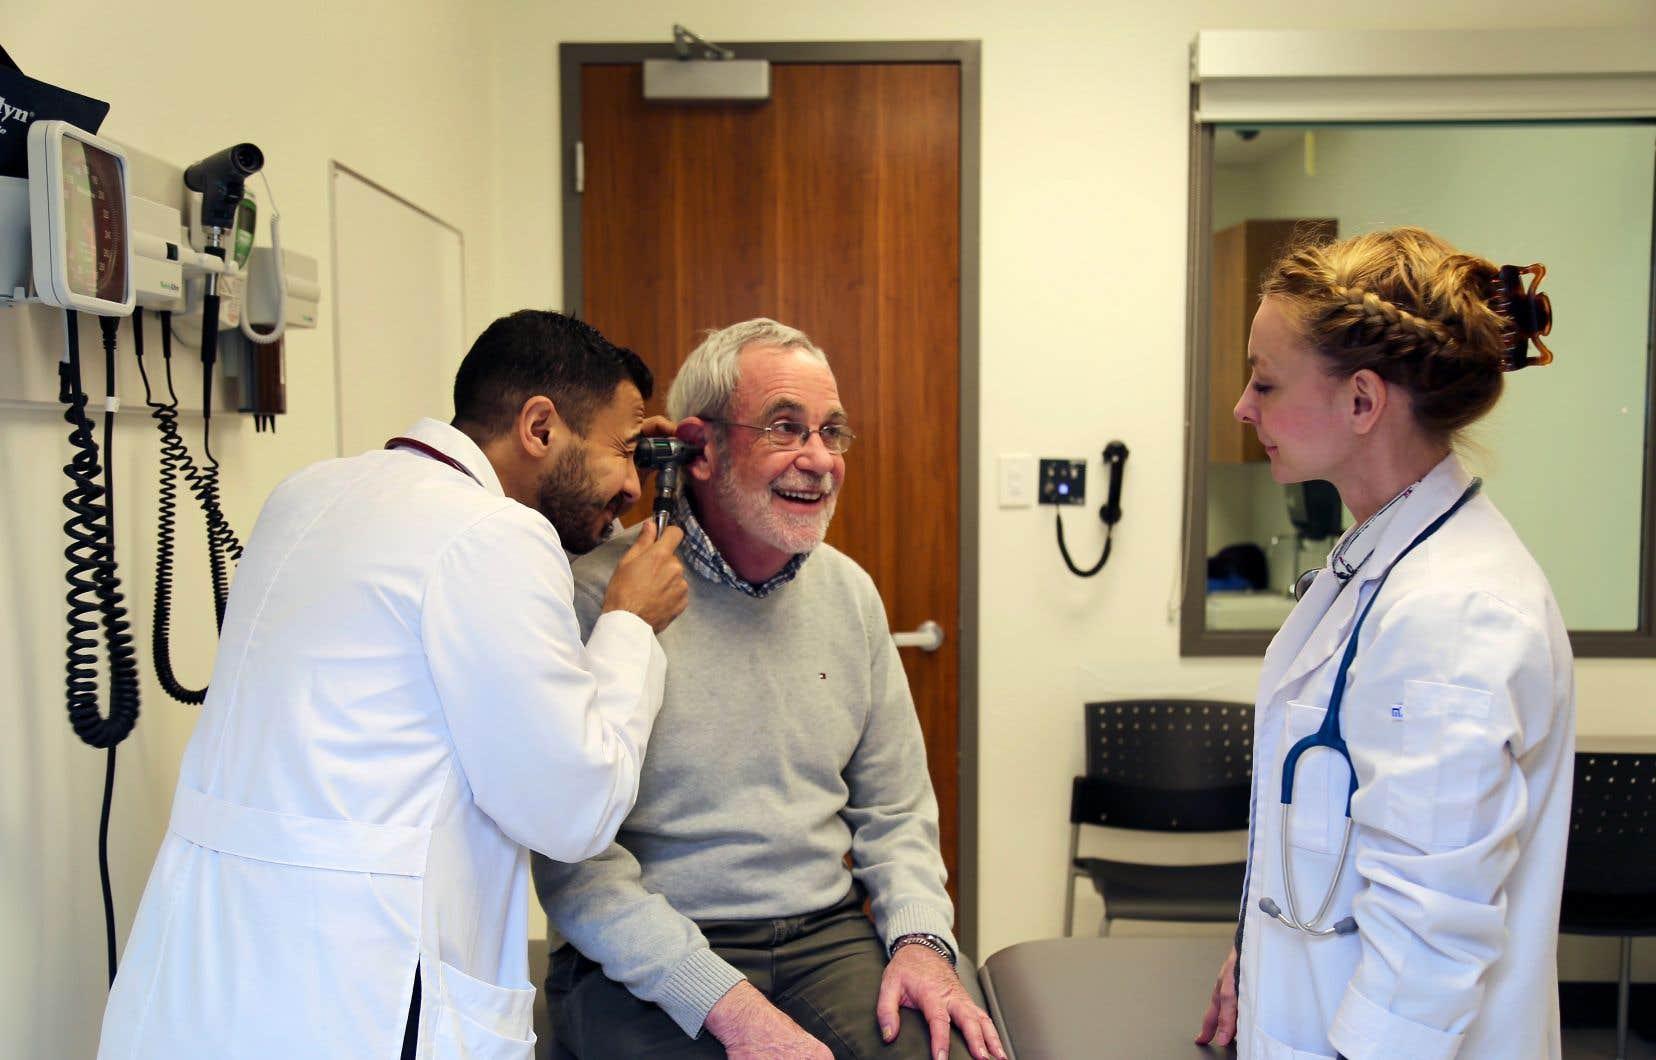 Parmi les «patients» embauchés par l'Université de Queen's, certains sont des acteurs professionnels et des membres de la communauté théâtrale de la ville, tandis que d'autres sont des étudiants ou des retraités.